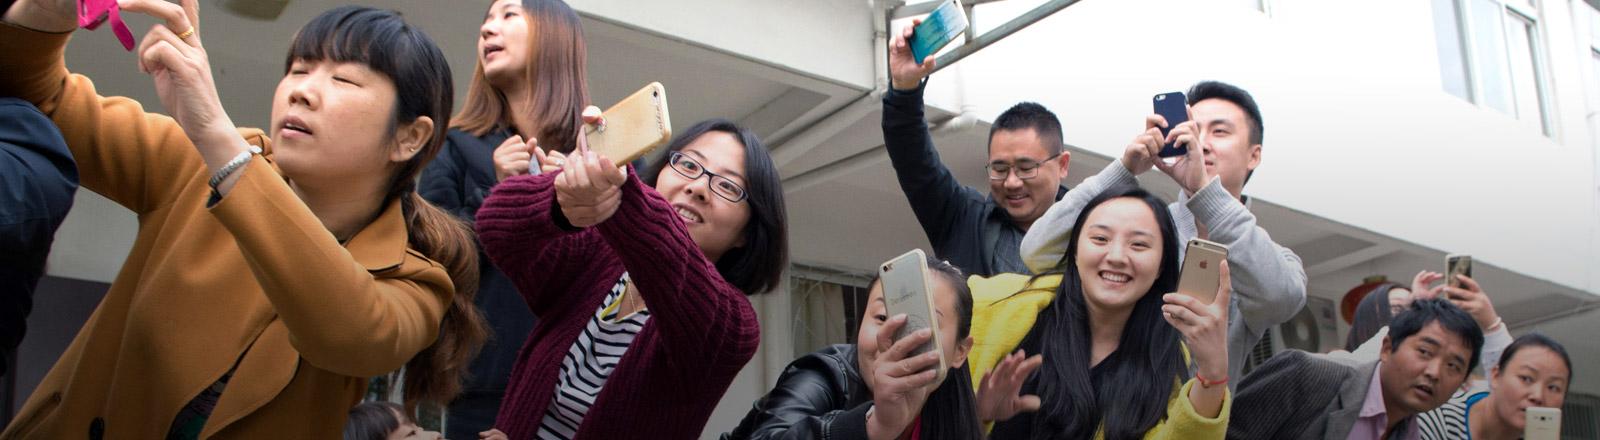 Mehrere Menschen fotografieren mit ihrem Smartphone